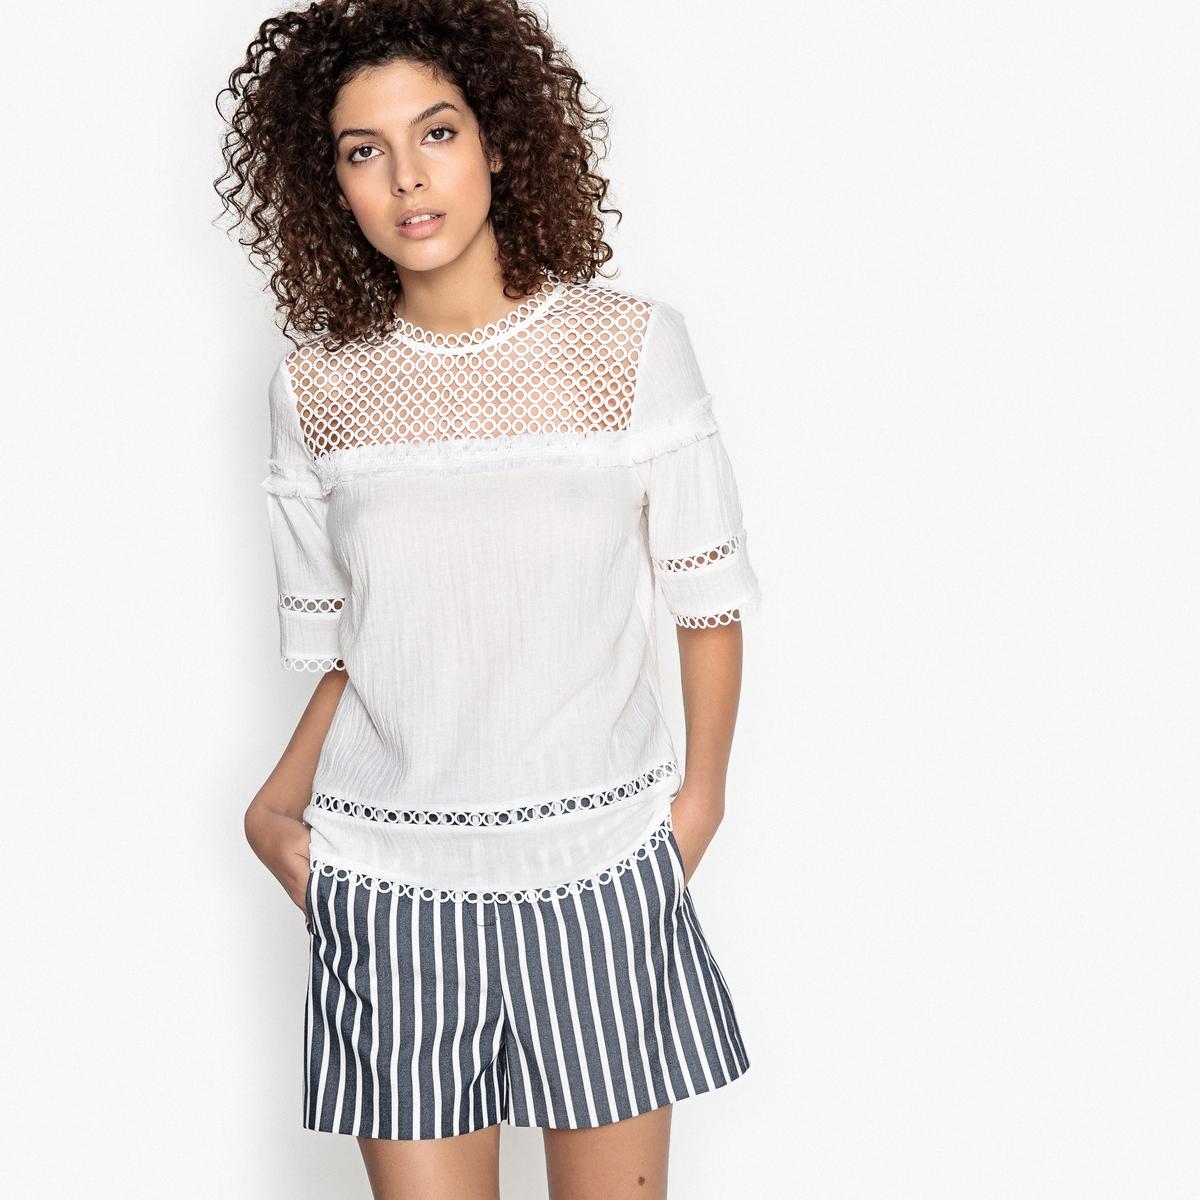 Блузка кружевная с короткими рукавами блузка кружевная с короткими рукавами